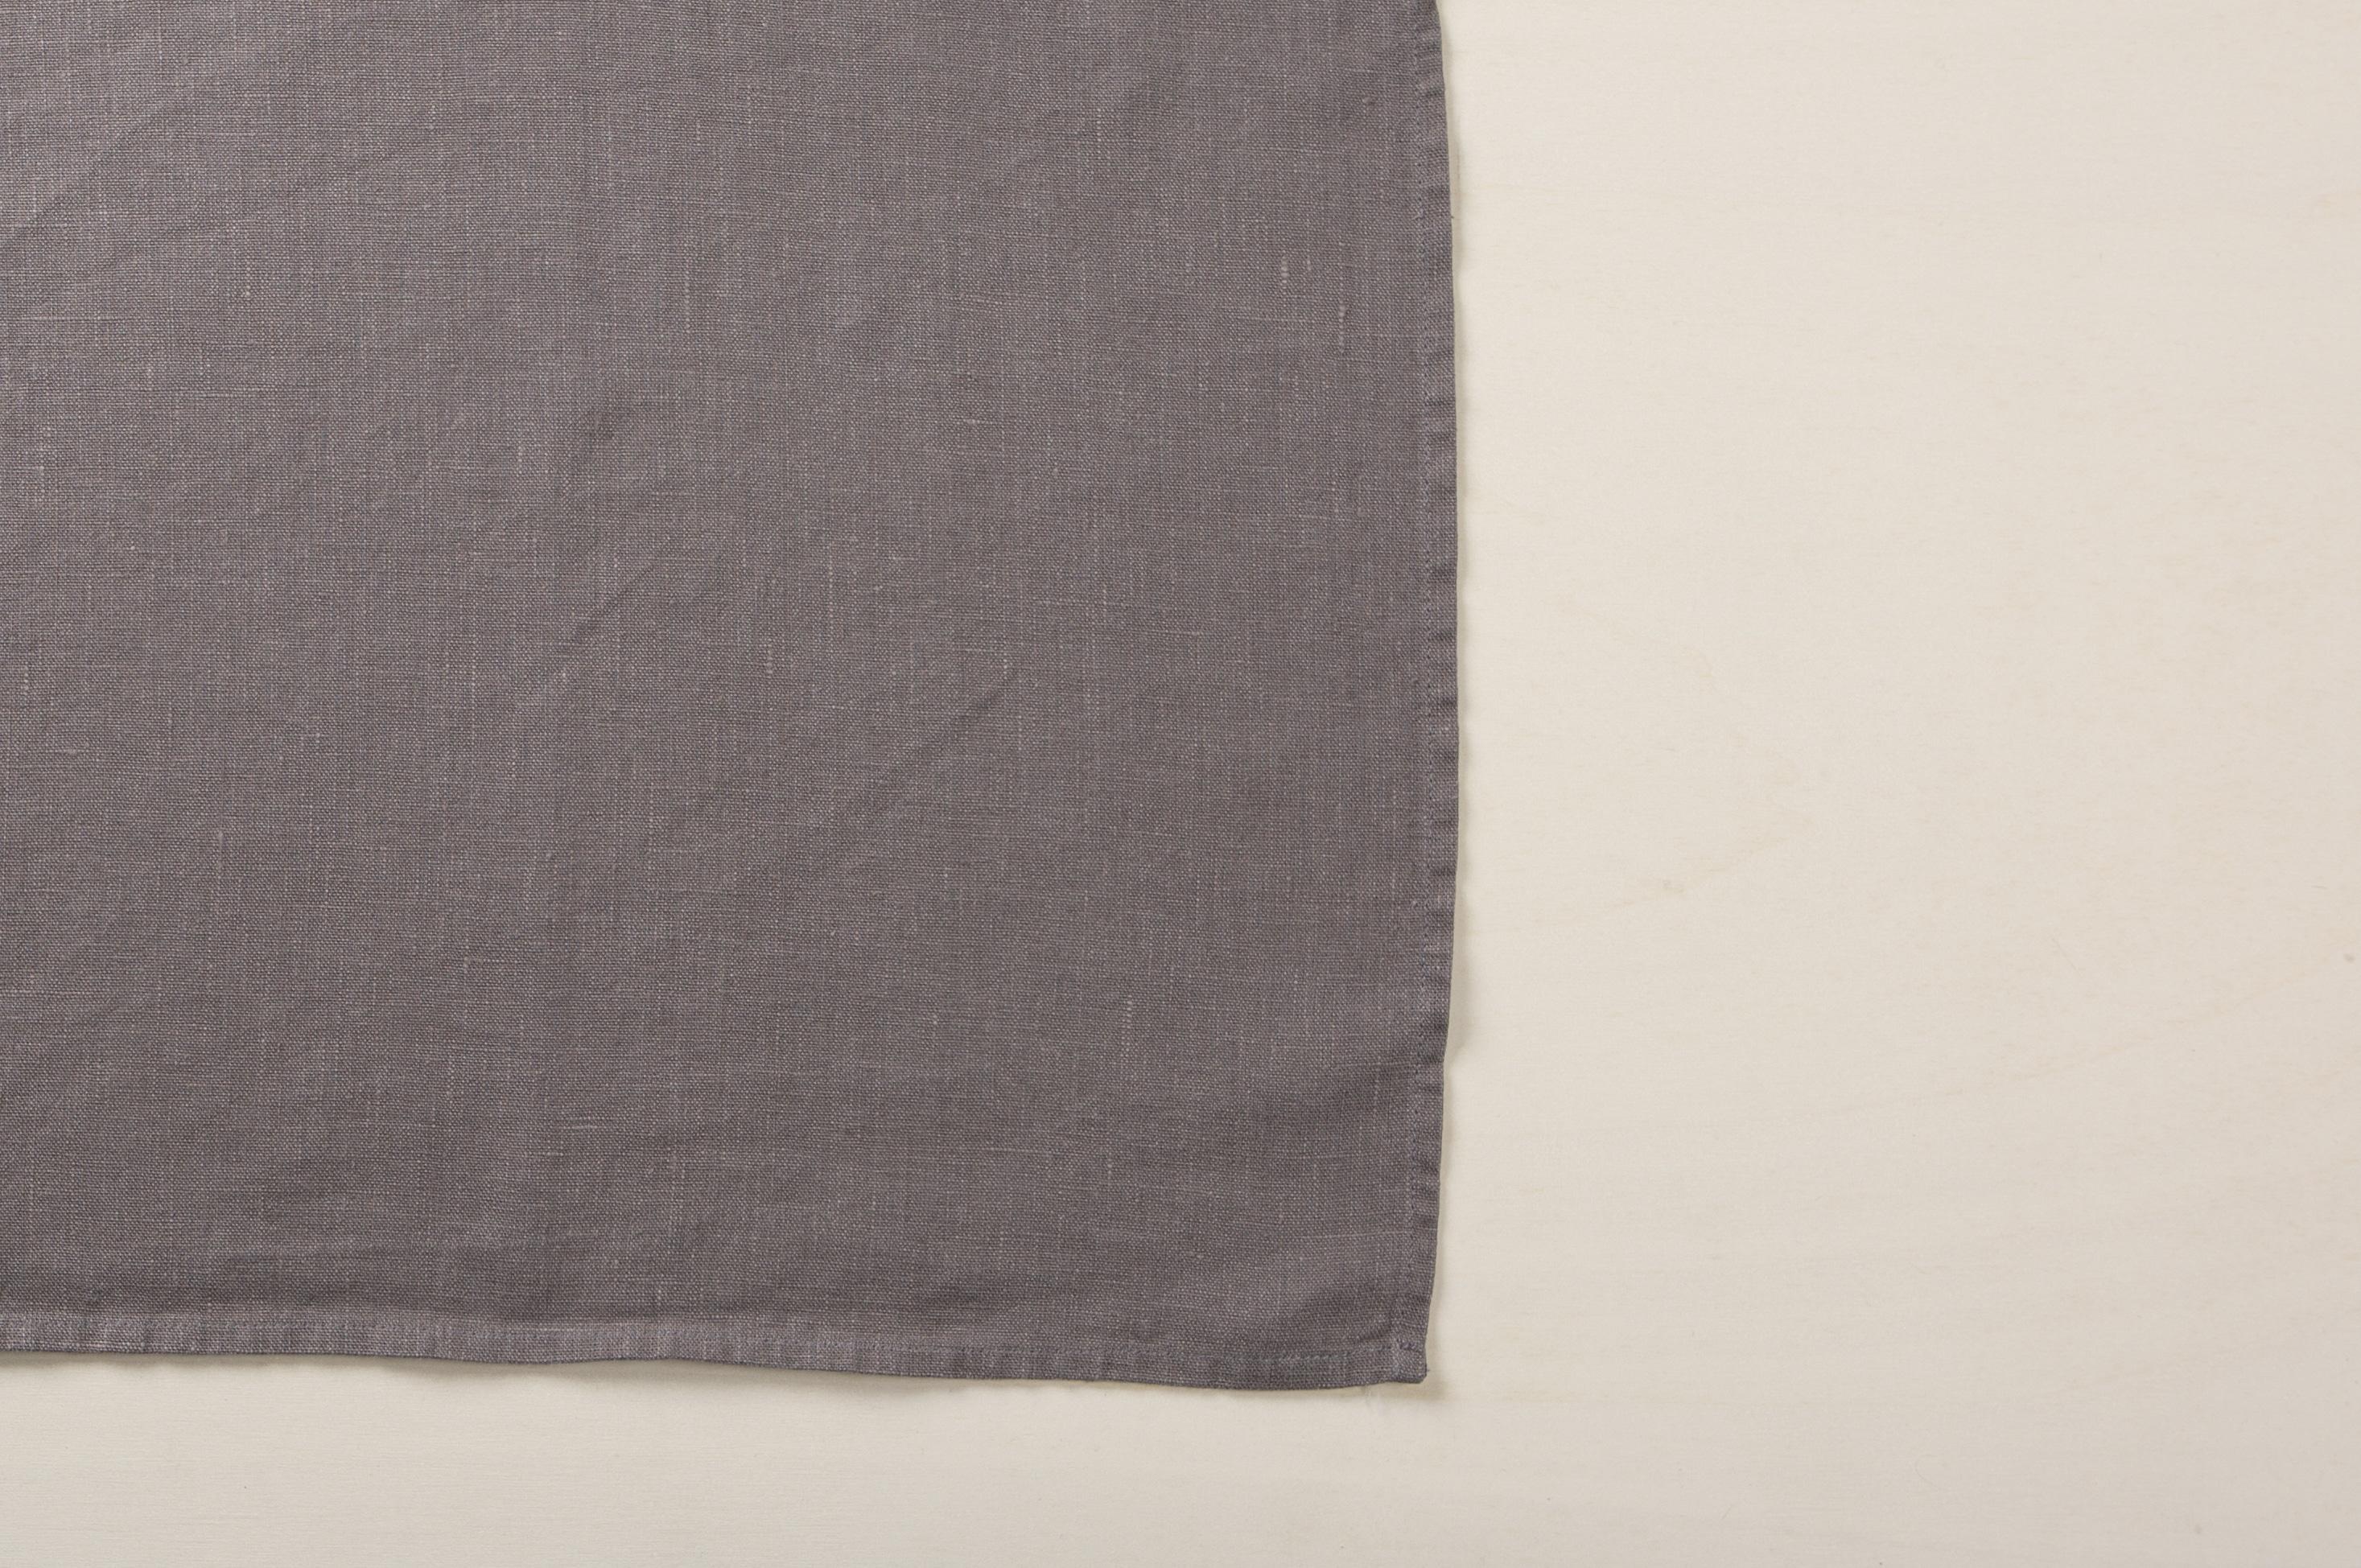 """Color Radio New   Einfach aber so wirkungsvoll: Servietten können so viel mehr, als vor Flecken zu schützen. Ob locker drapiert, mit einem Band zusammengehalten oder mit einem schönen Serviettenring: Sie sind das i-Tüpfelchen auf dem Tischdekor und runden mit ihrer Struktur und Farbe die Dekoration ab. Unsere Servietten """"Amparo"""" werden aus weich fließendem Leinen liebevoll gefertigt und kommen in einer wunderschönen Farbpalette mit matten, natürlichen Tönen.Diese Leinenservietten passen besonders gut zu moder...  """